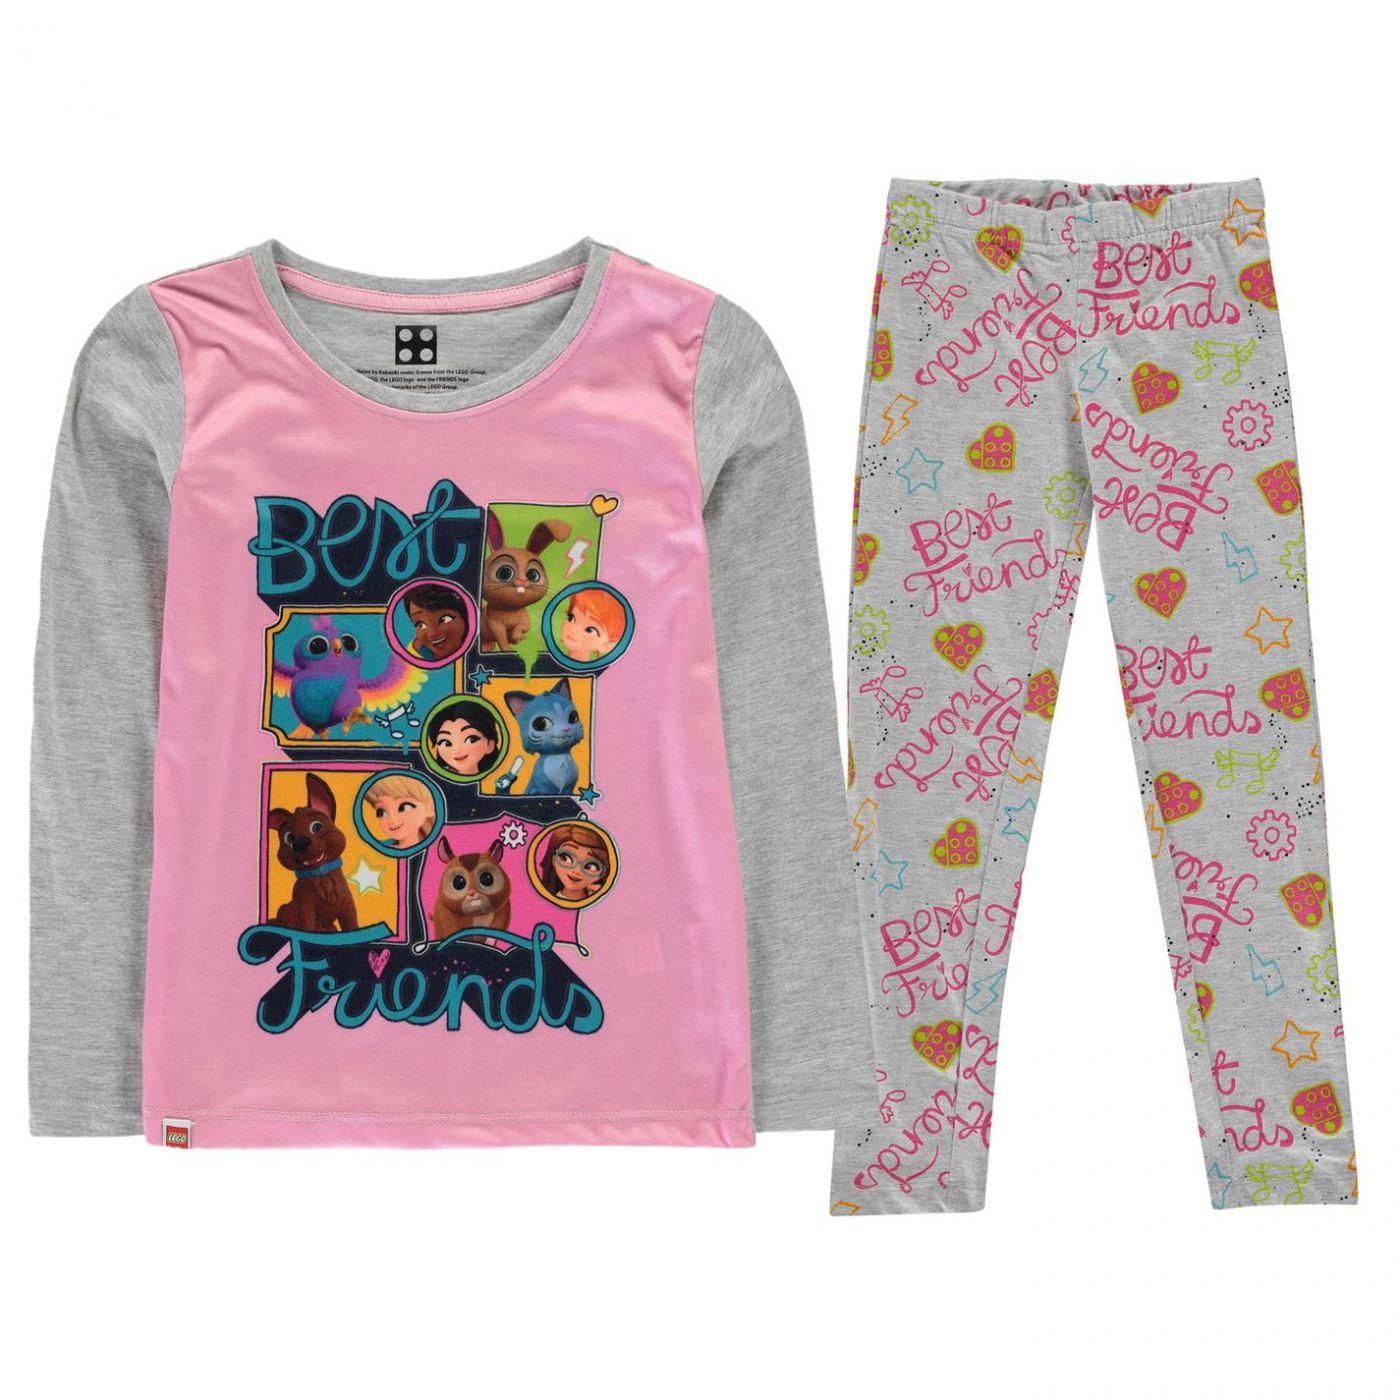 Lego Wear Pyjama Set Child Girls